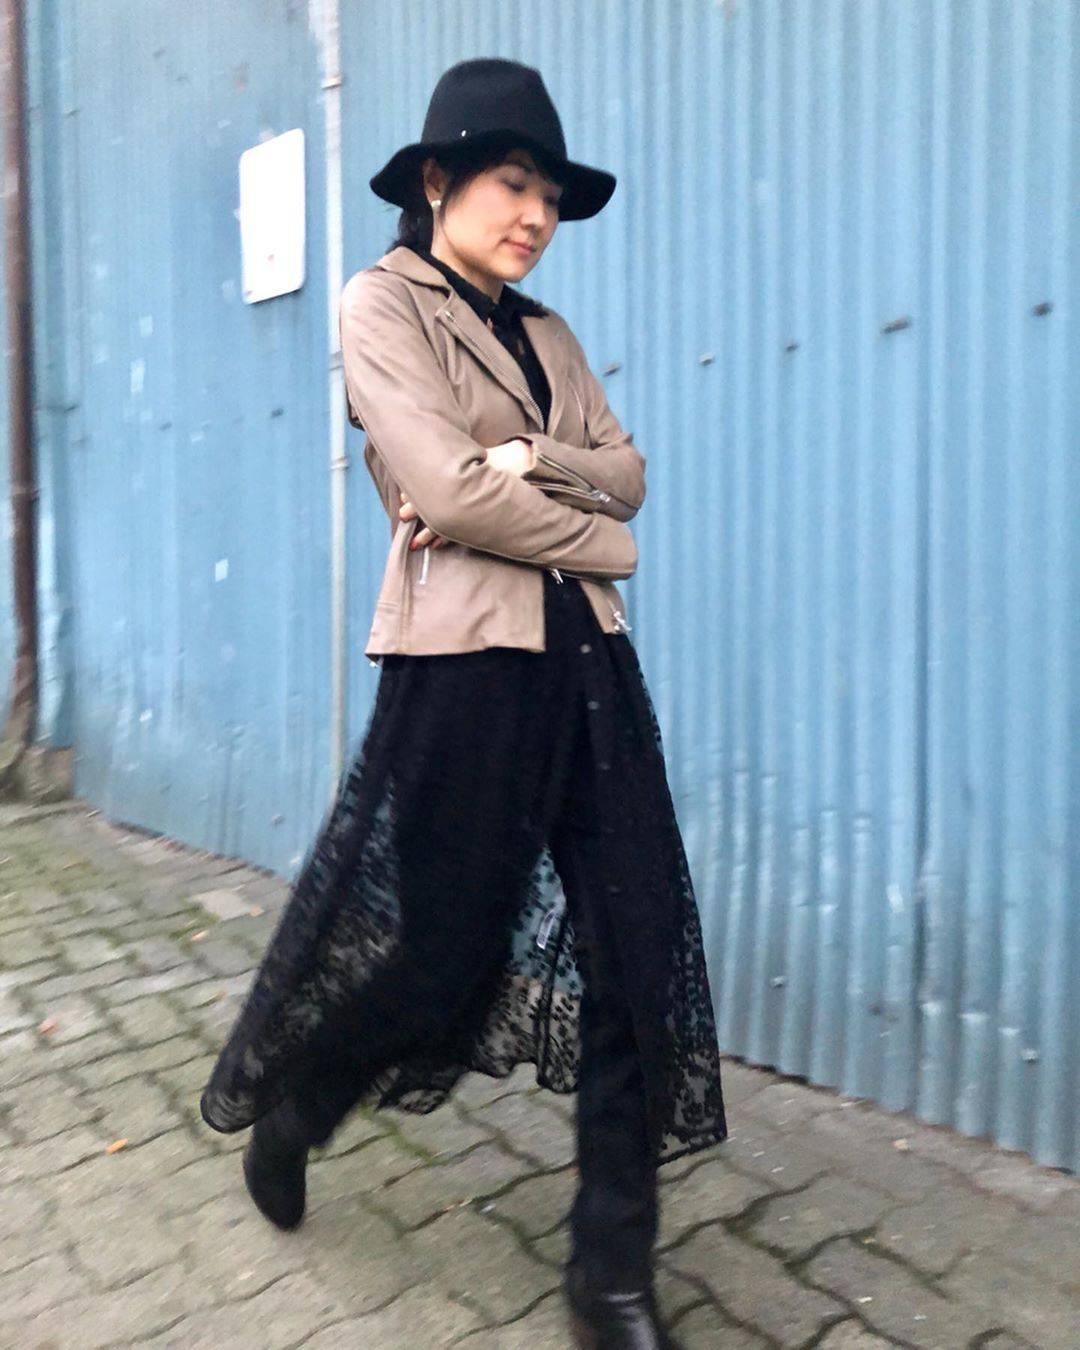 最高気温30度・最低気温20度 i.styleclosetの服装